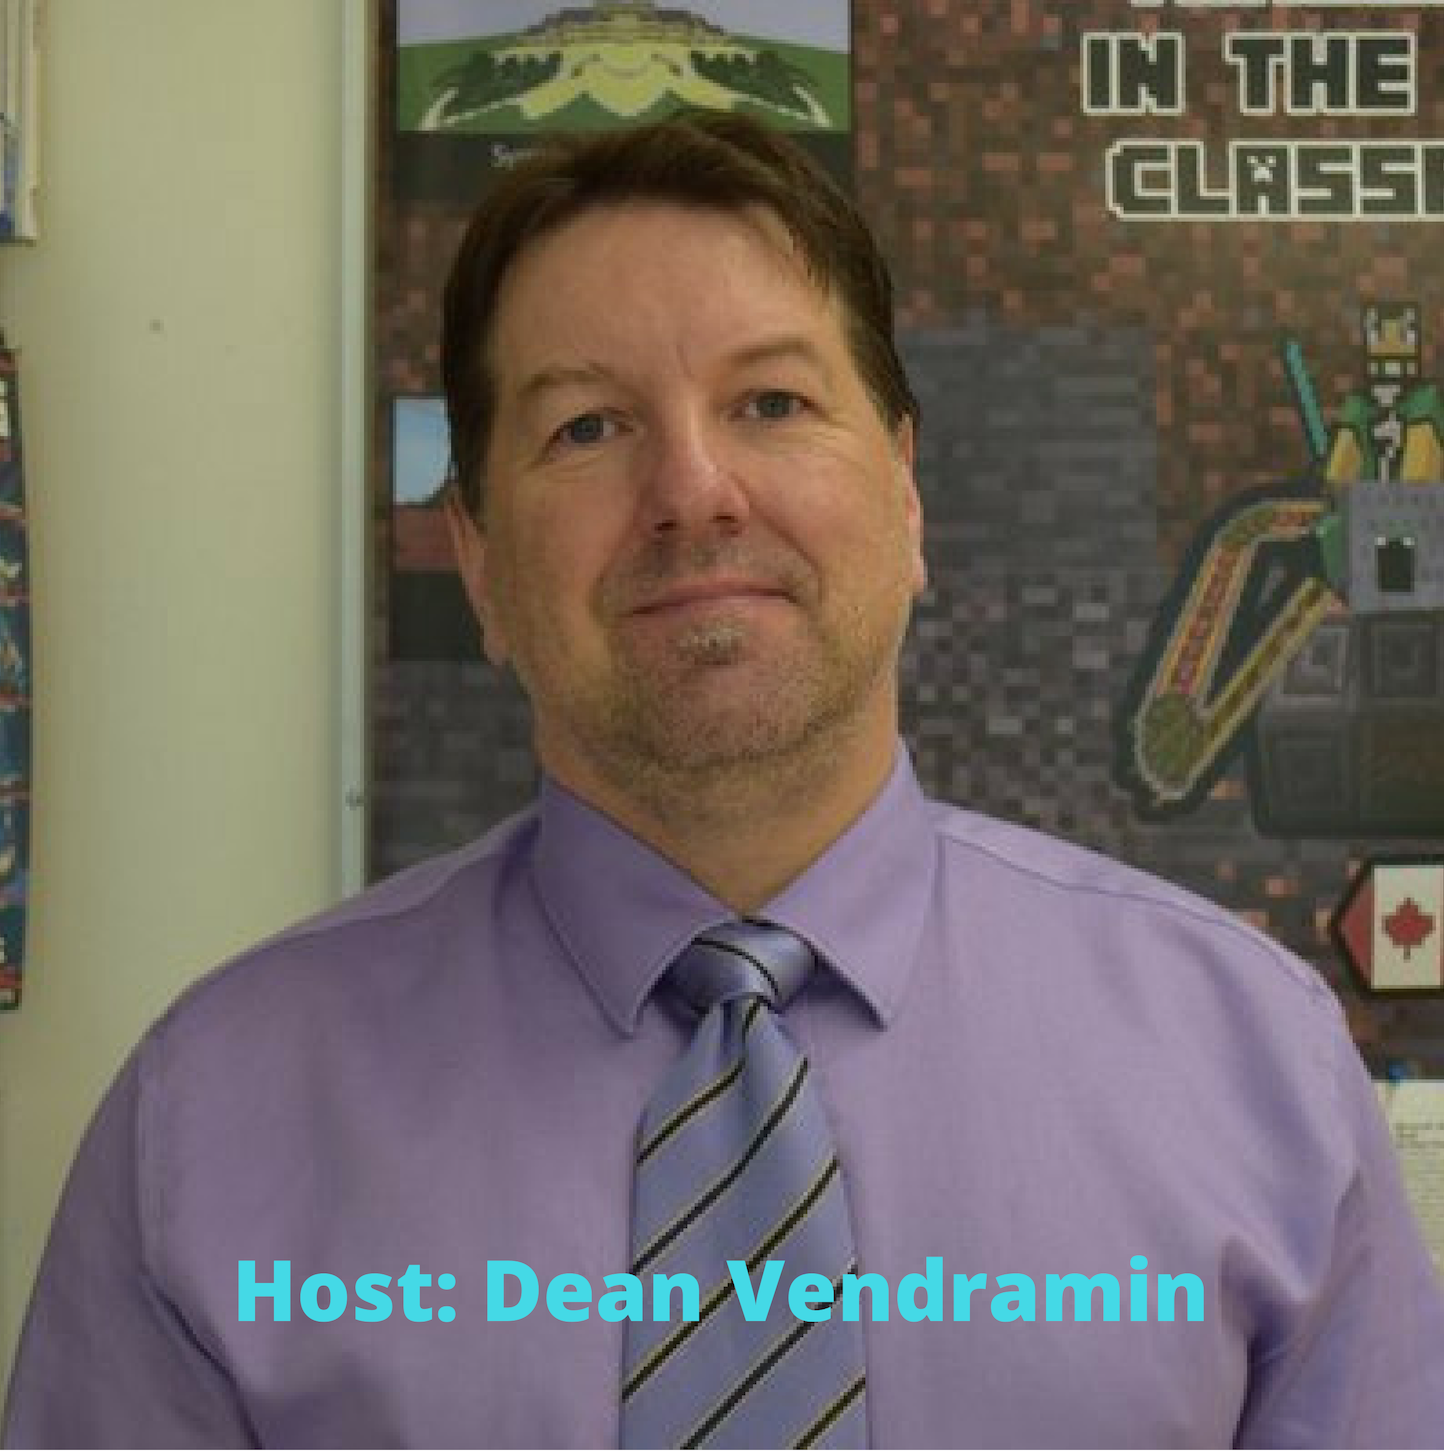 Host: Dean Vendramin